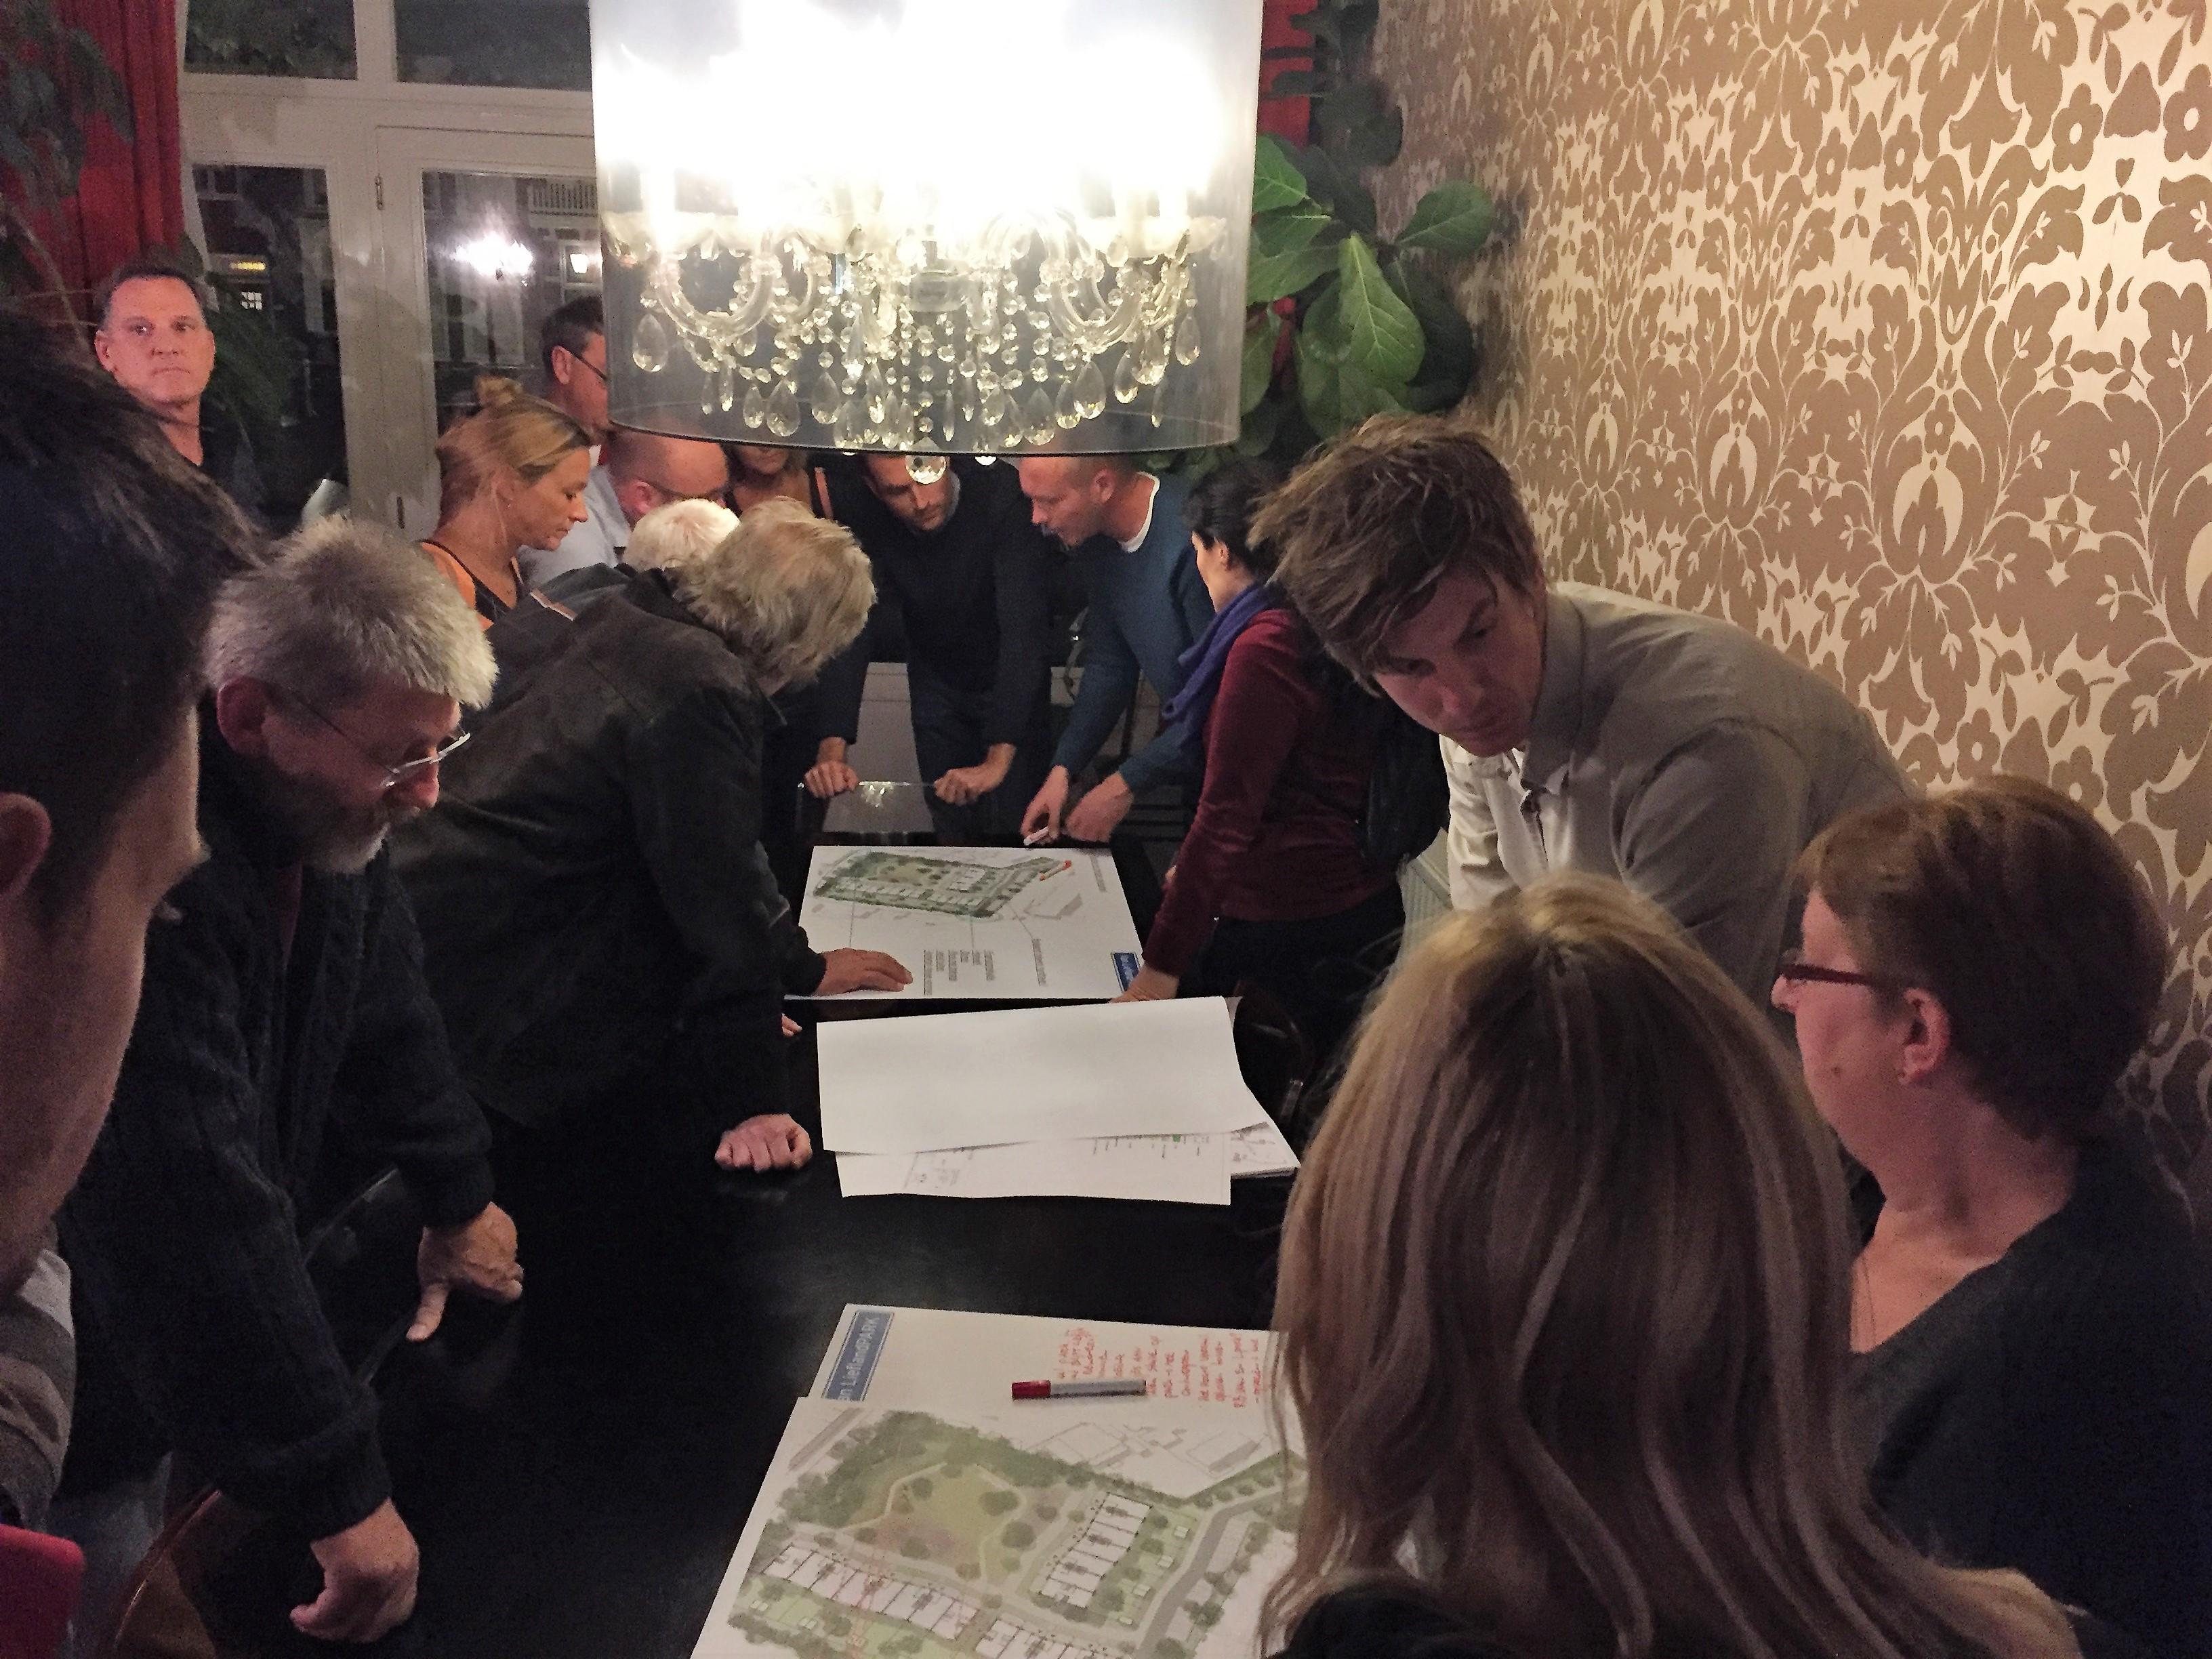 Geslaagde informatiebijeenkomst voor omwonenden Van LieflandPARK